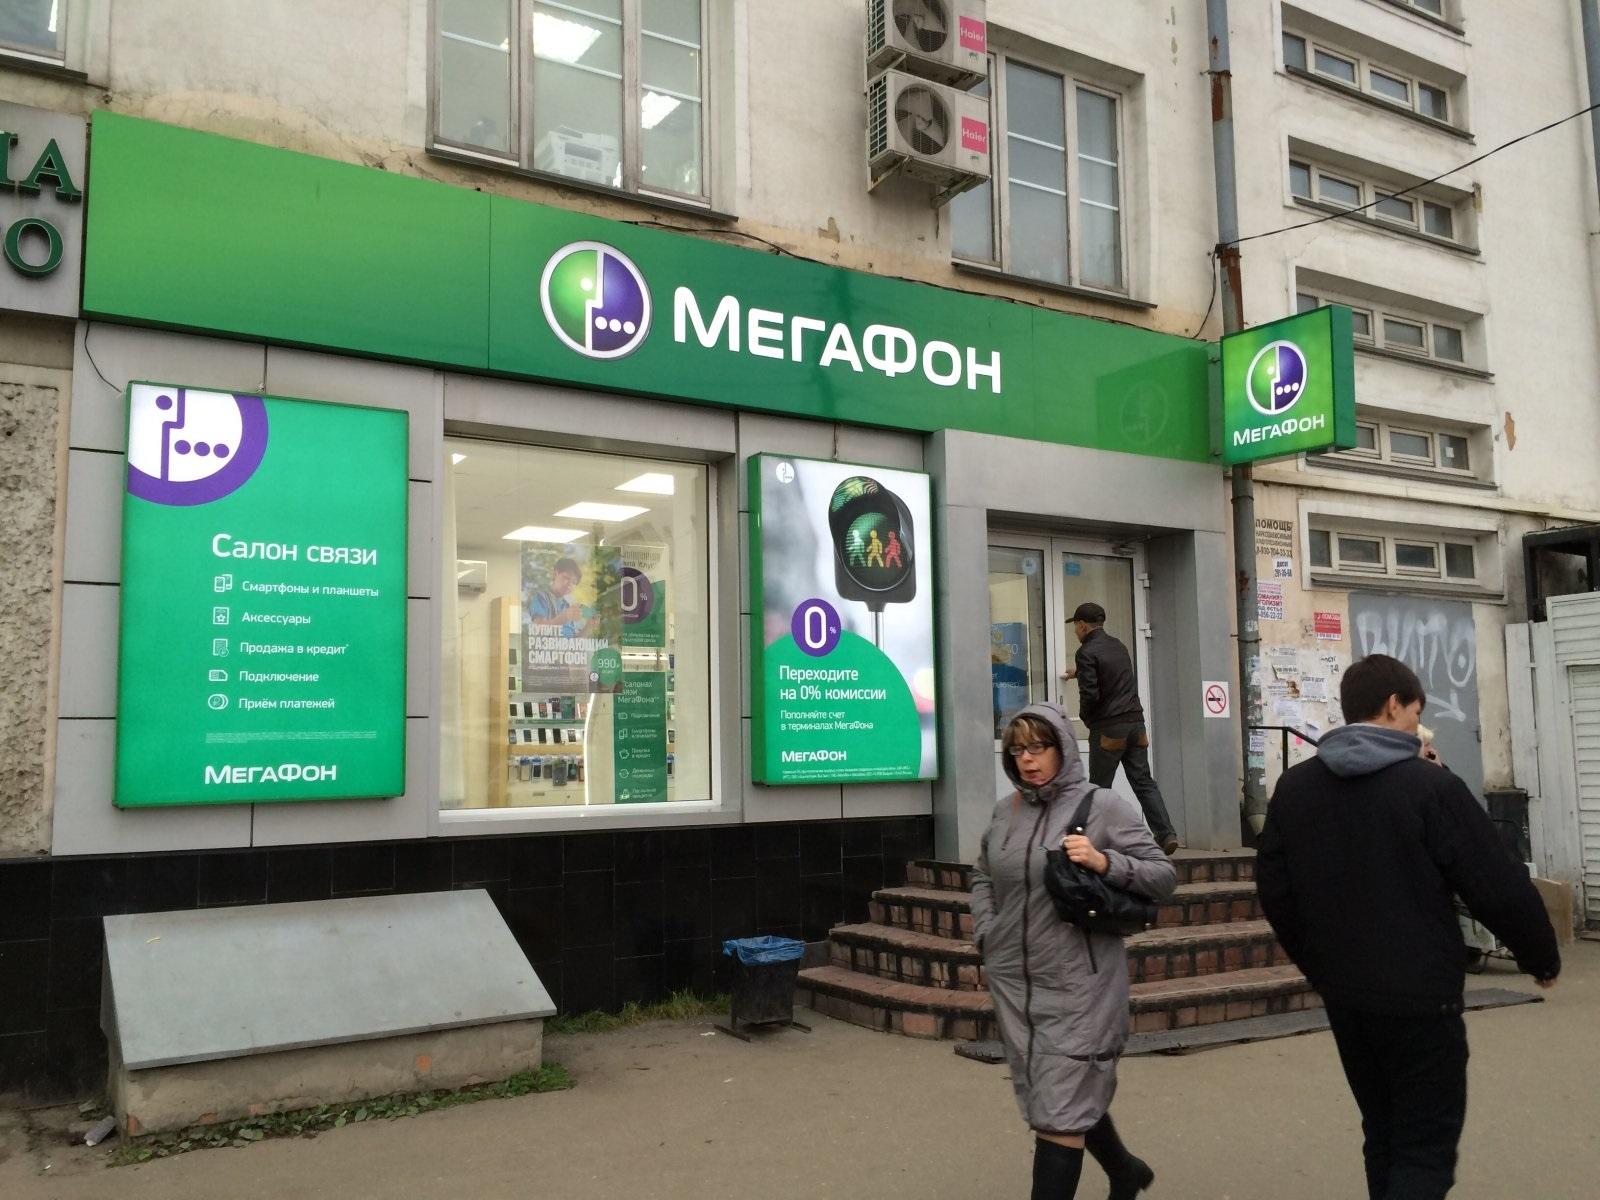 去俄罗斯留学,国内的手机号怎么办?插图3-小狮座俄罗斯留学